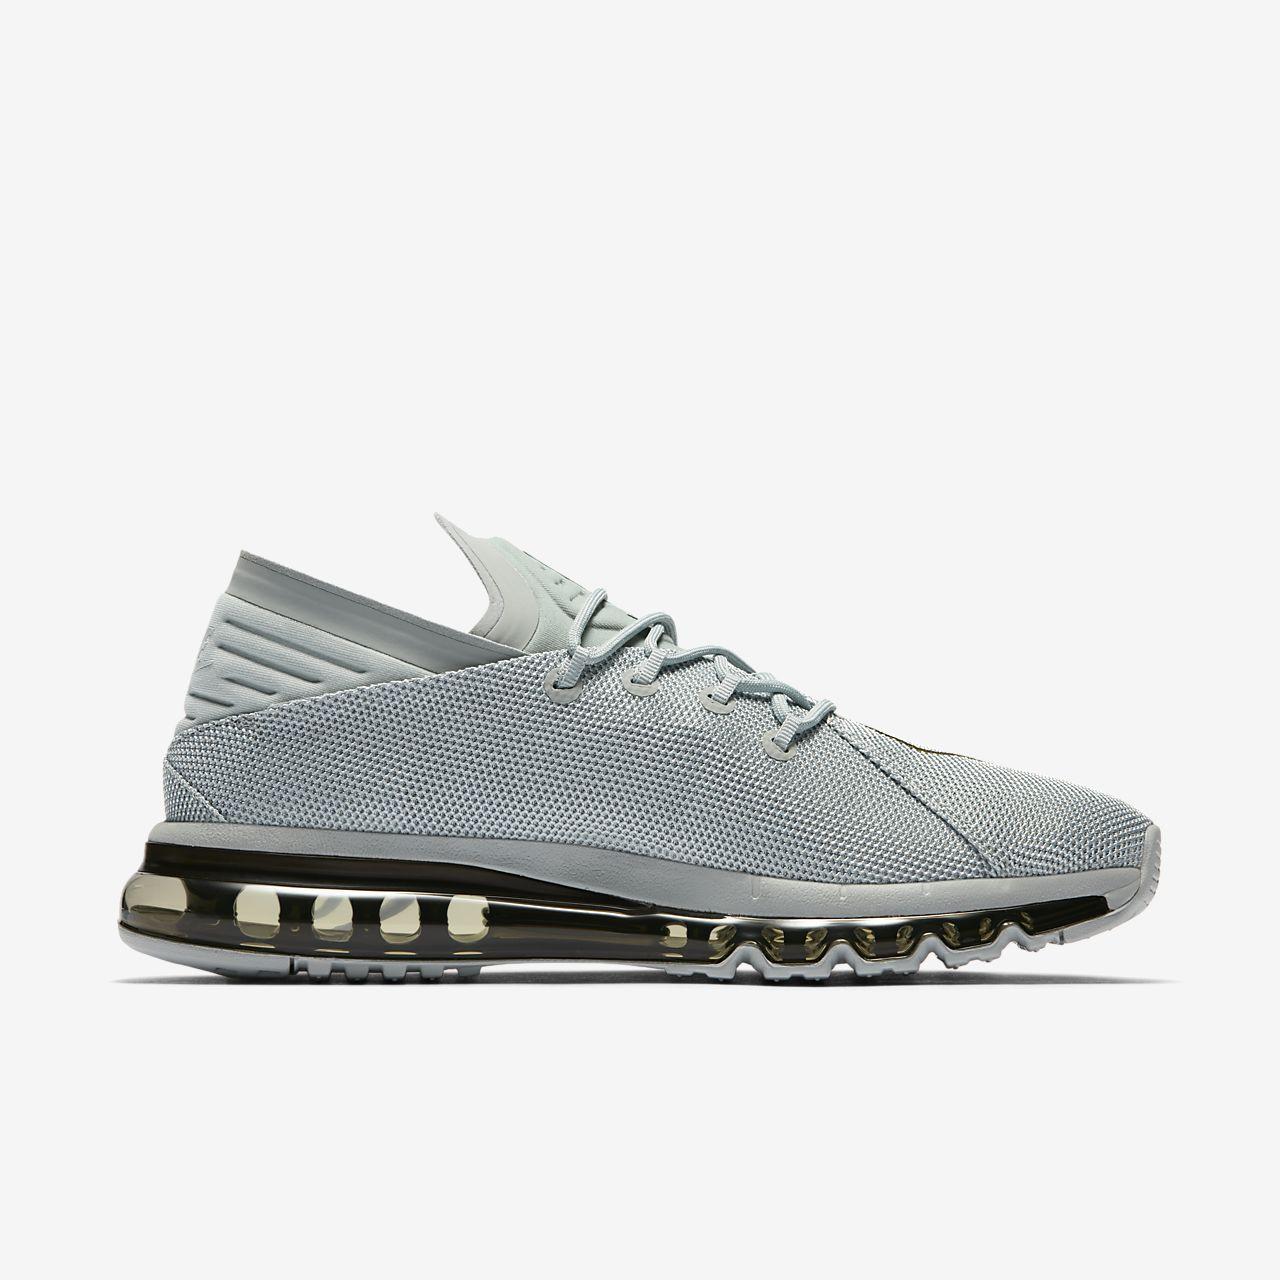 Chaussures Nike Air Max Noir Flair Blanc cWybB